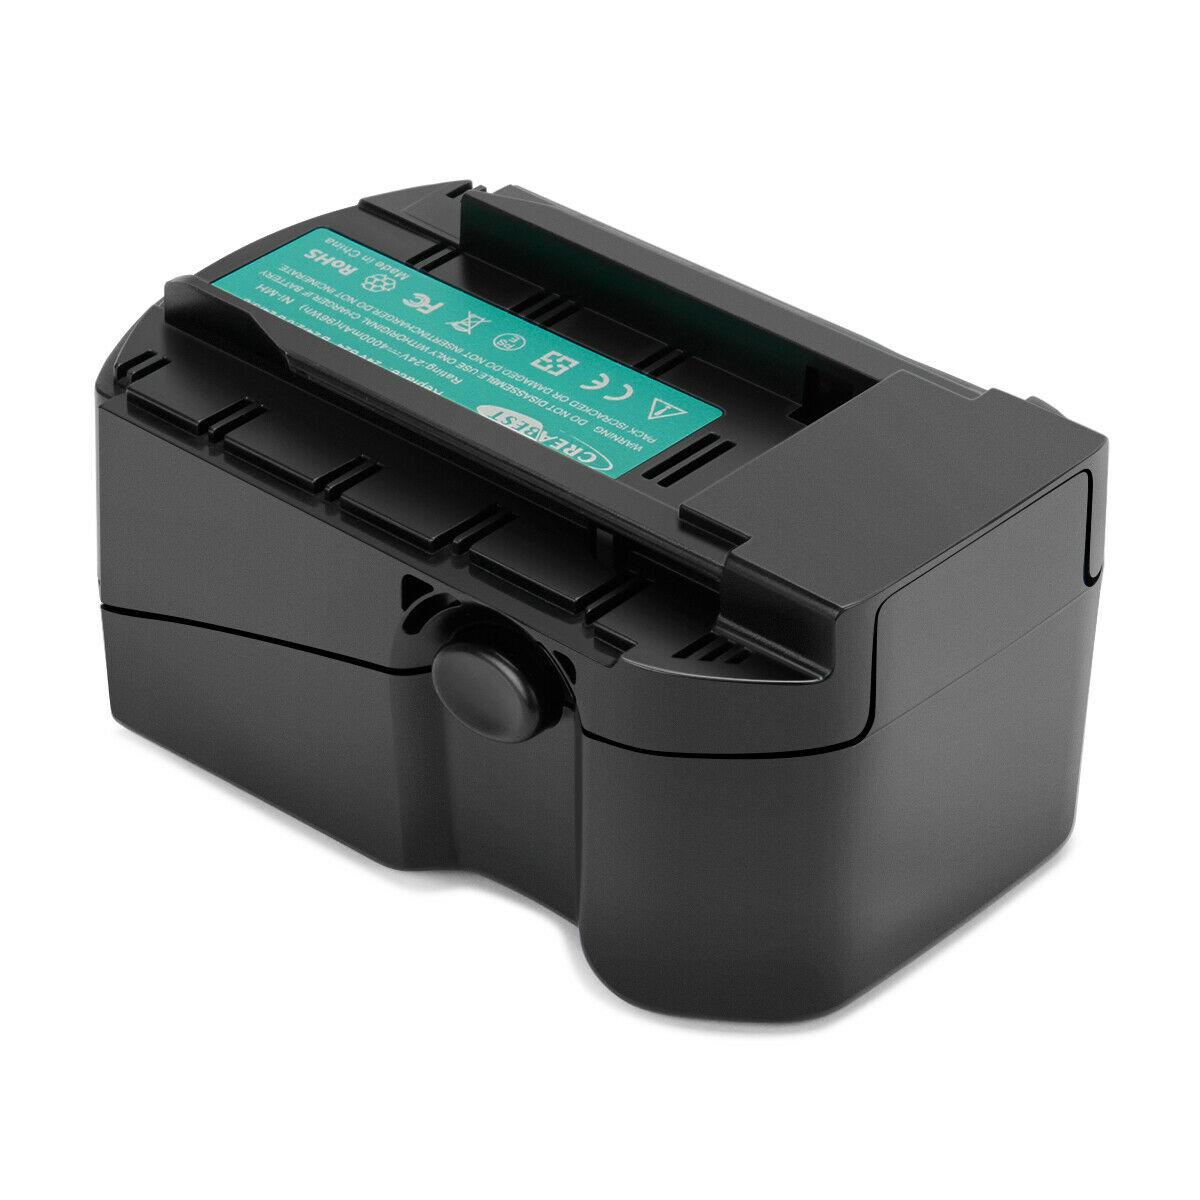 Batterie 24V 4.0AH Ni-MH HILTI B 24/2.0,B 24/3.0,SFL 24,TE 2-A,UH 240-A,WSC 6.5(compatible)